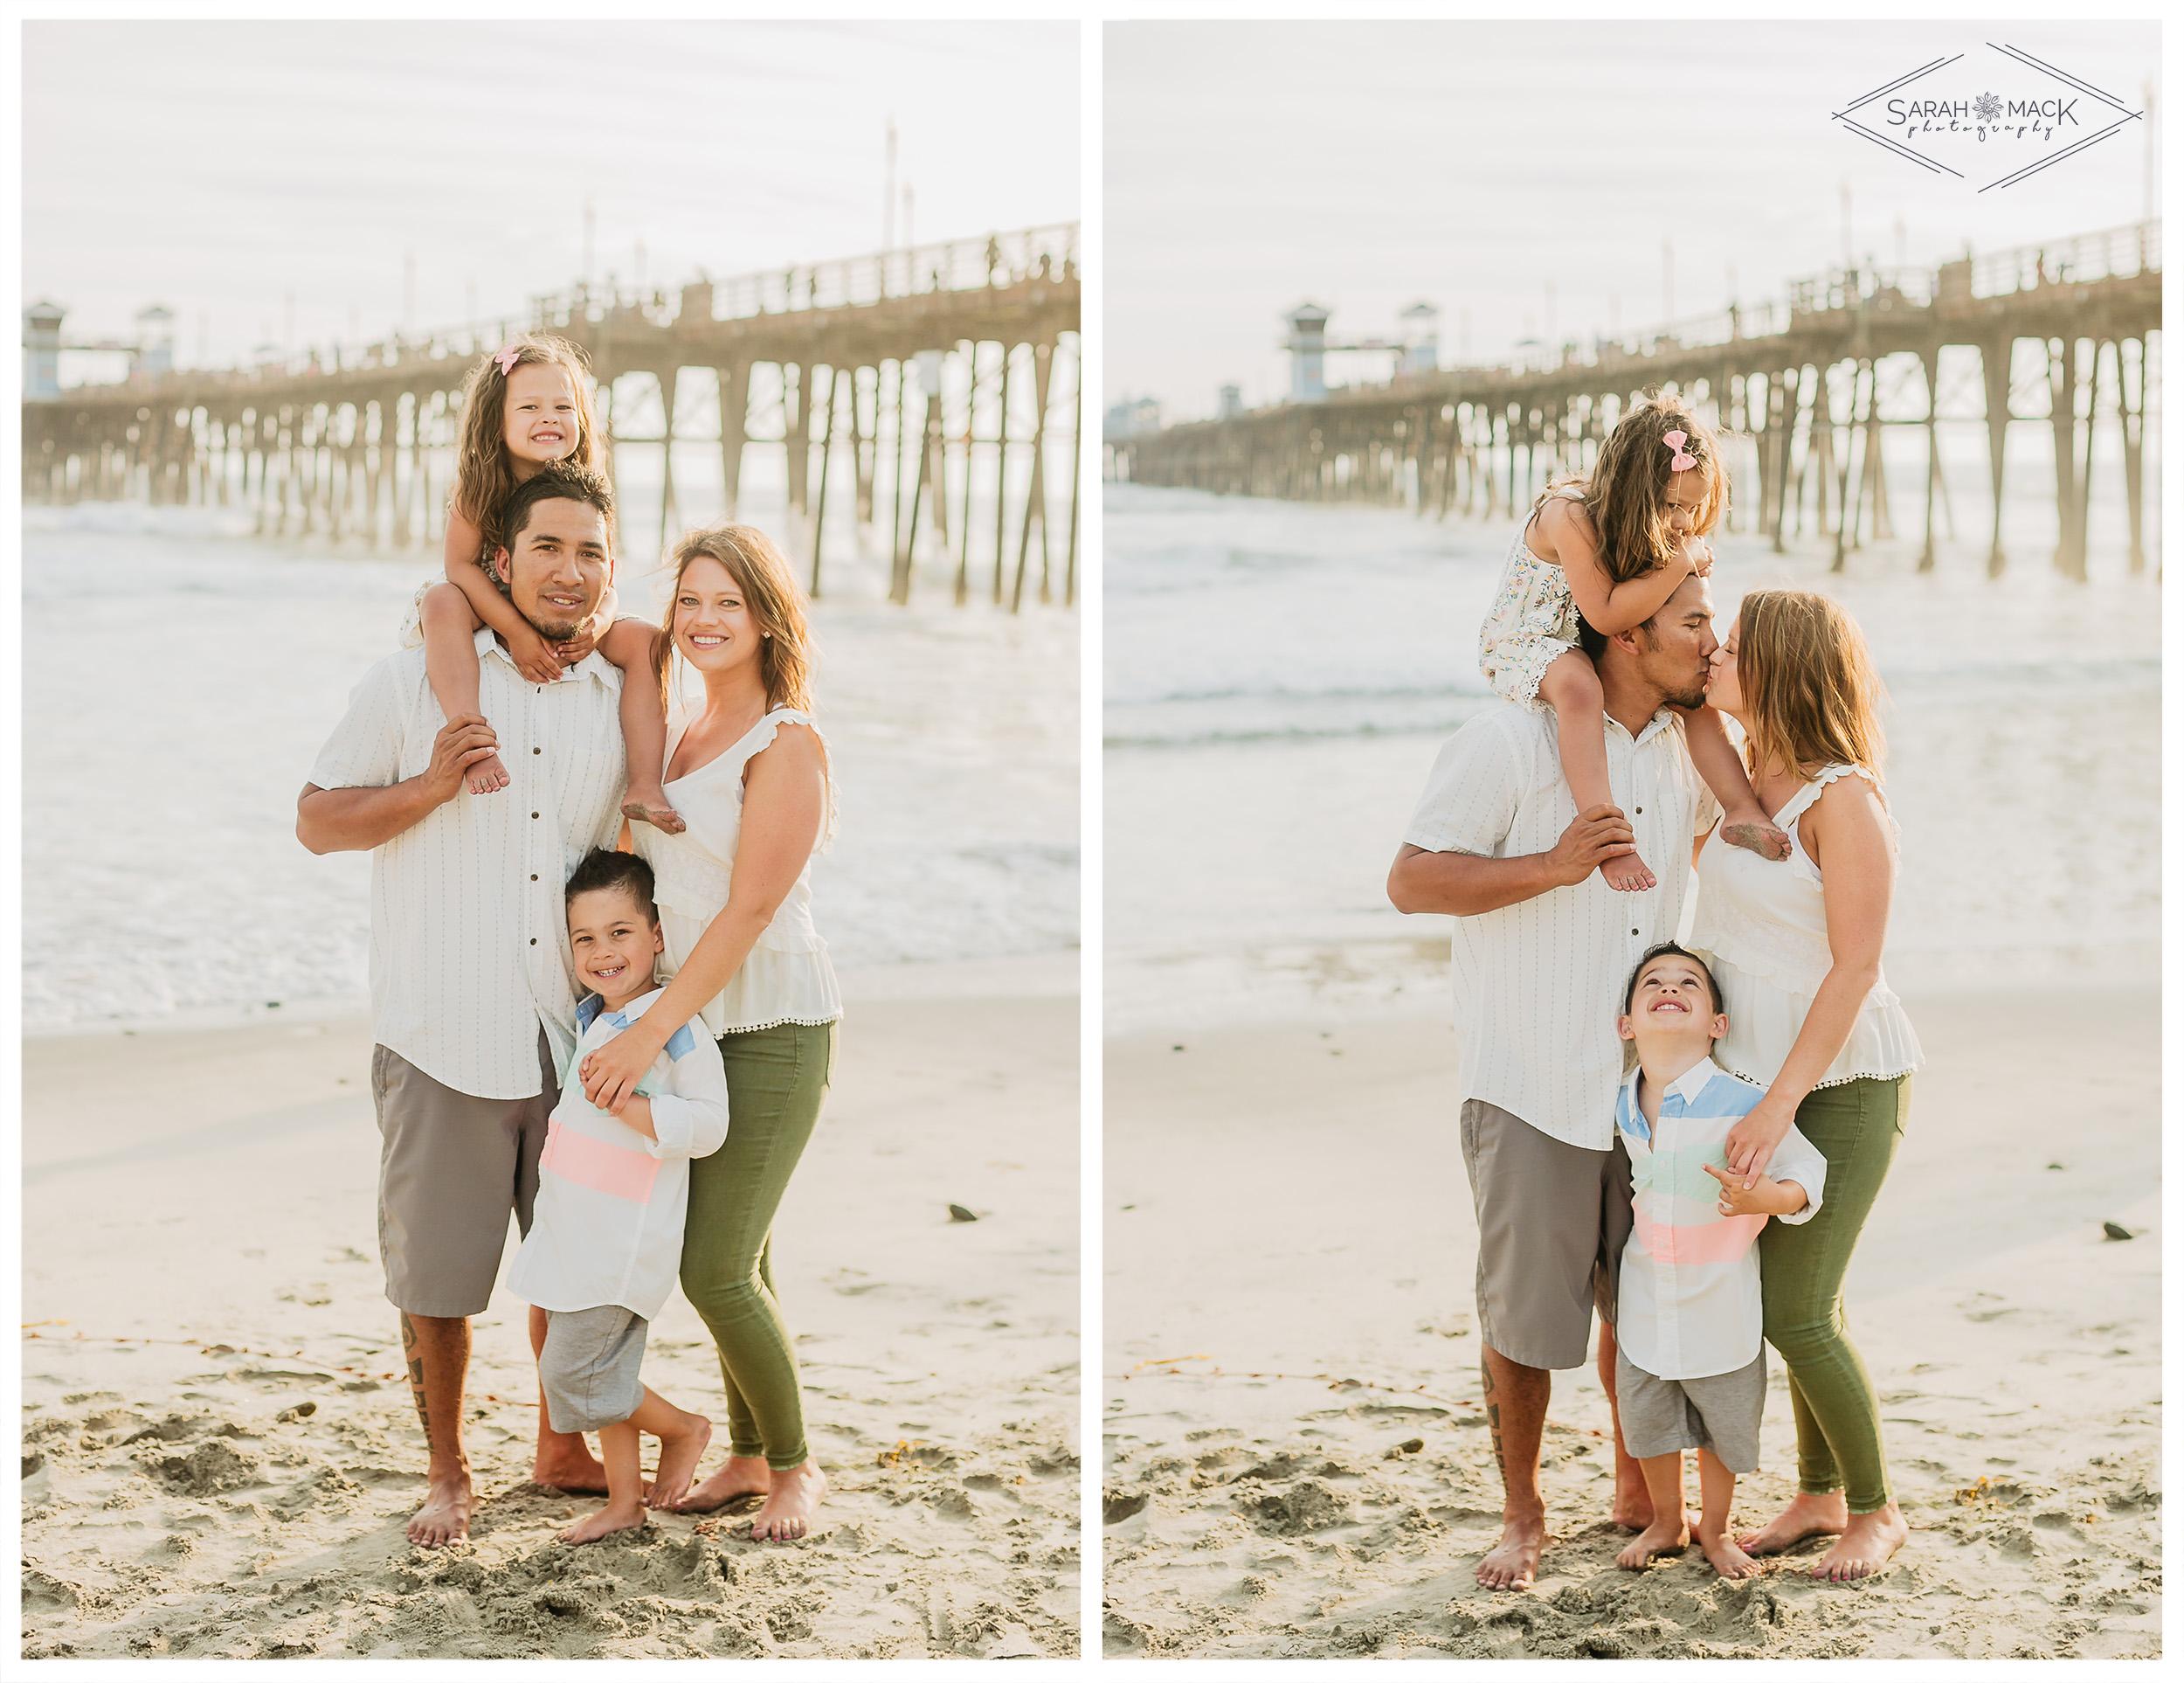 BP-Orange-County-Family-Photography-Oceanside-Pier-5.jpg